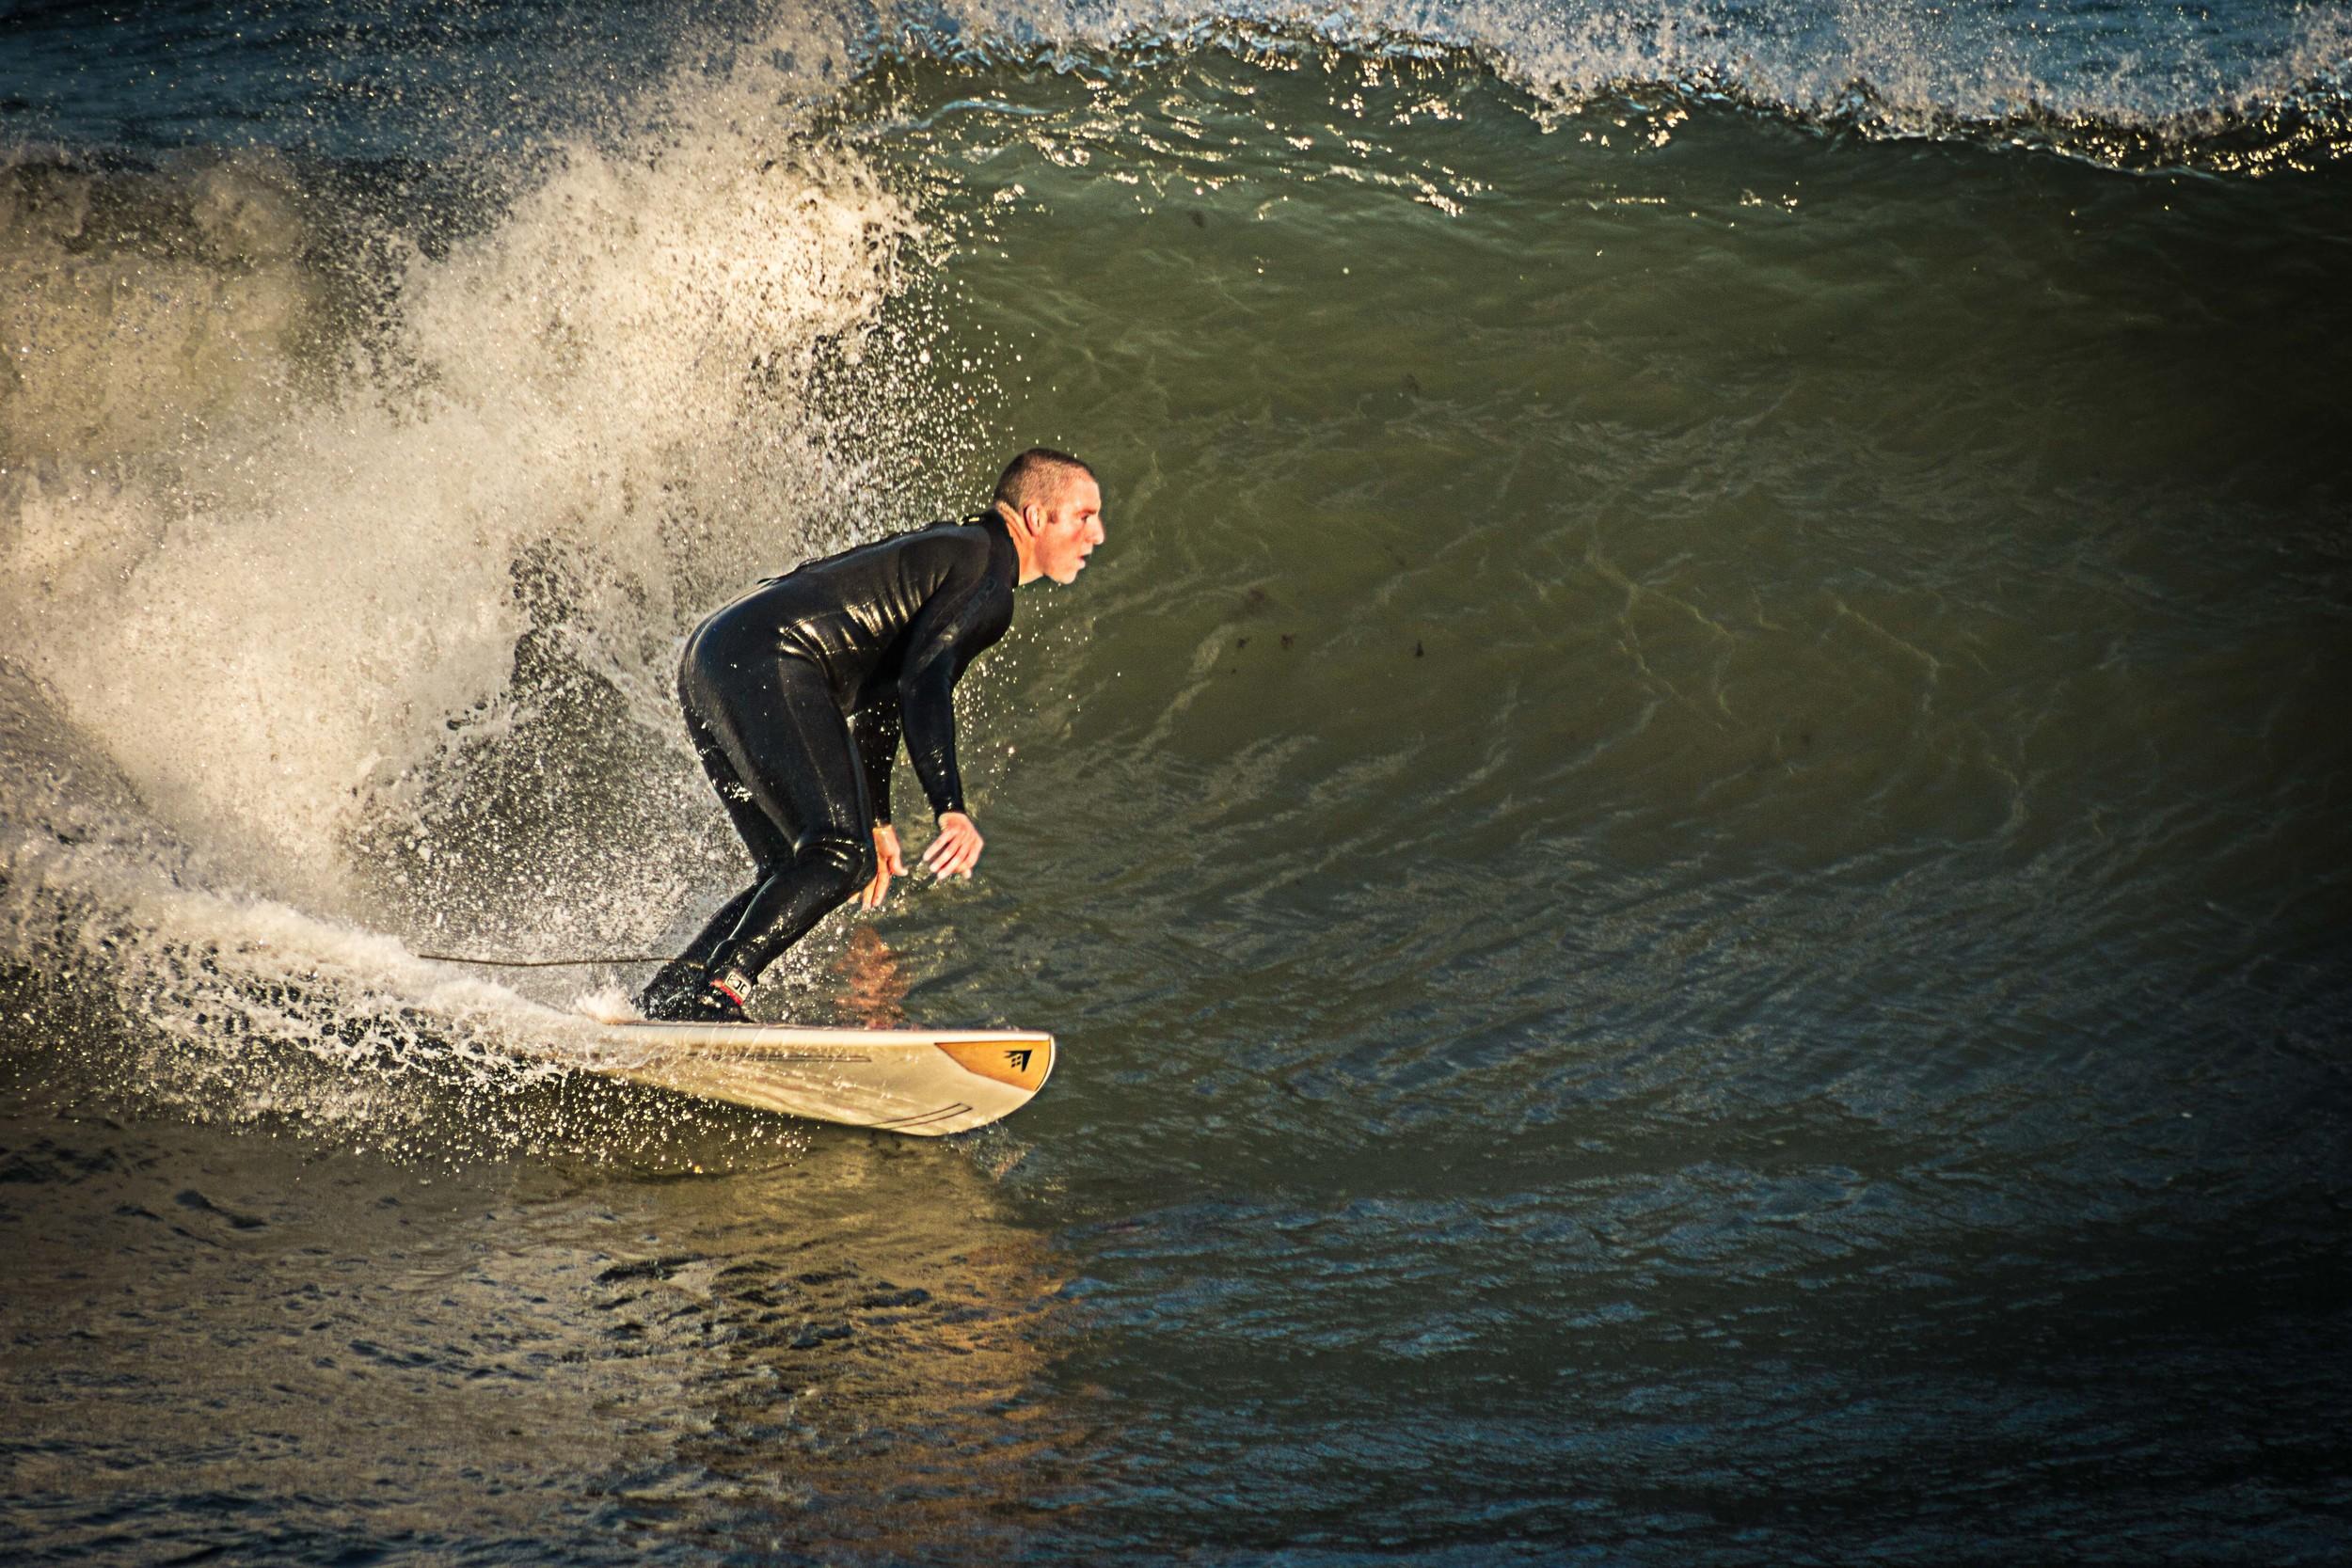 Surfer drops in